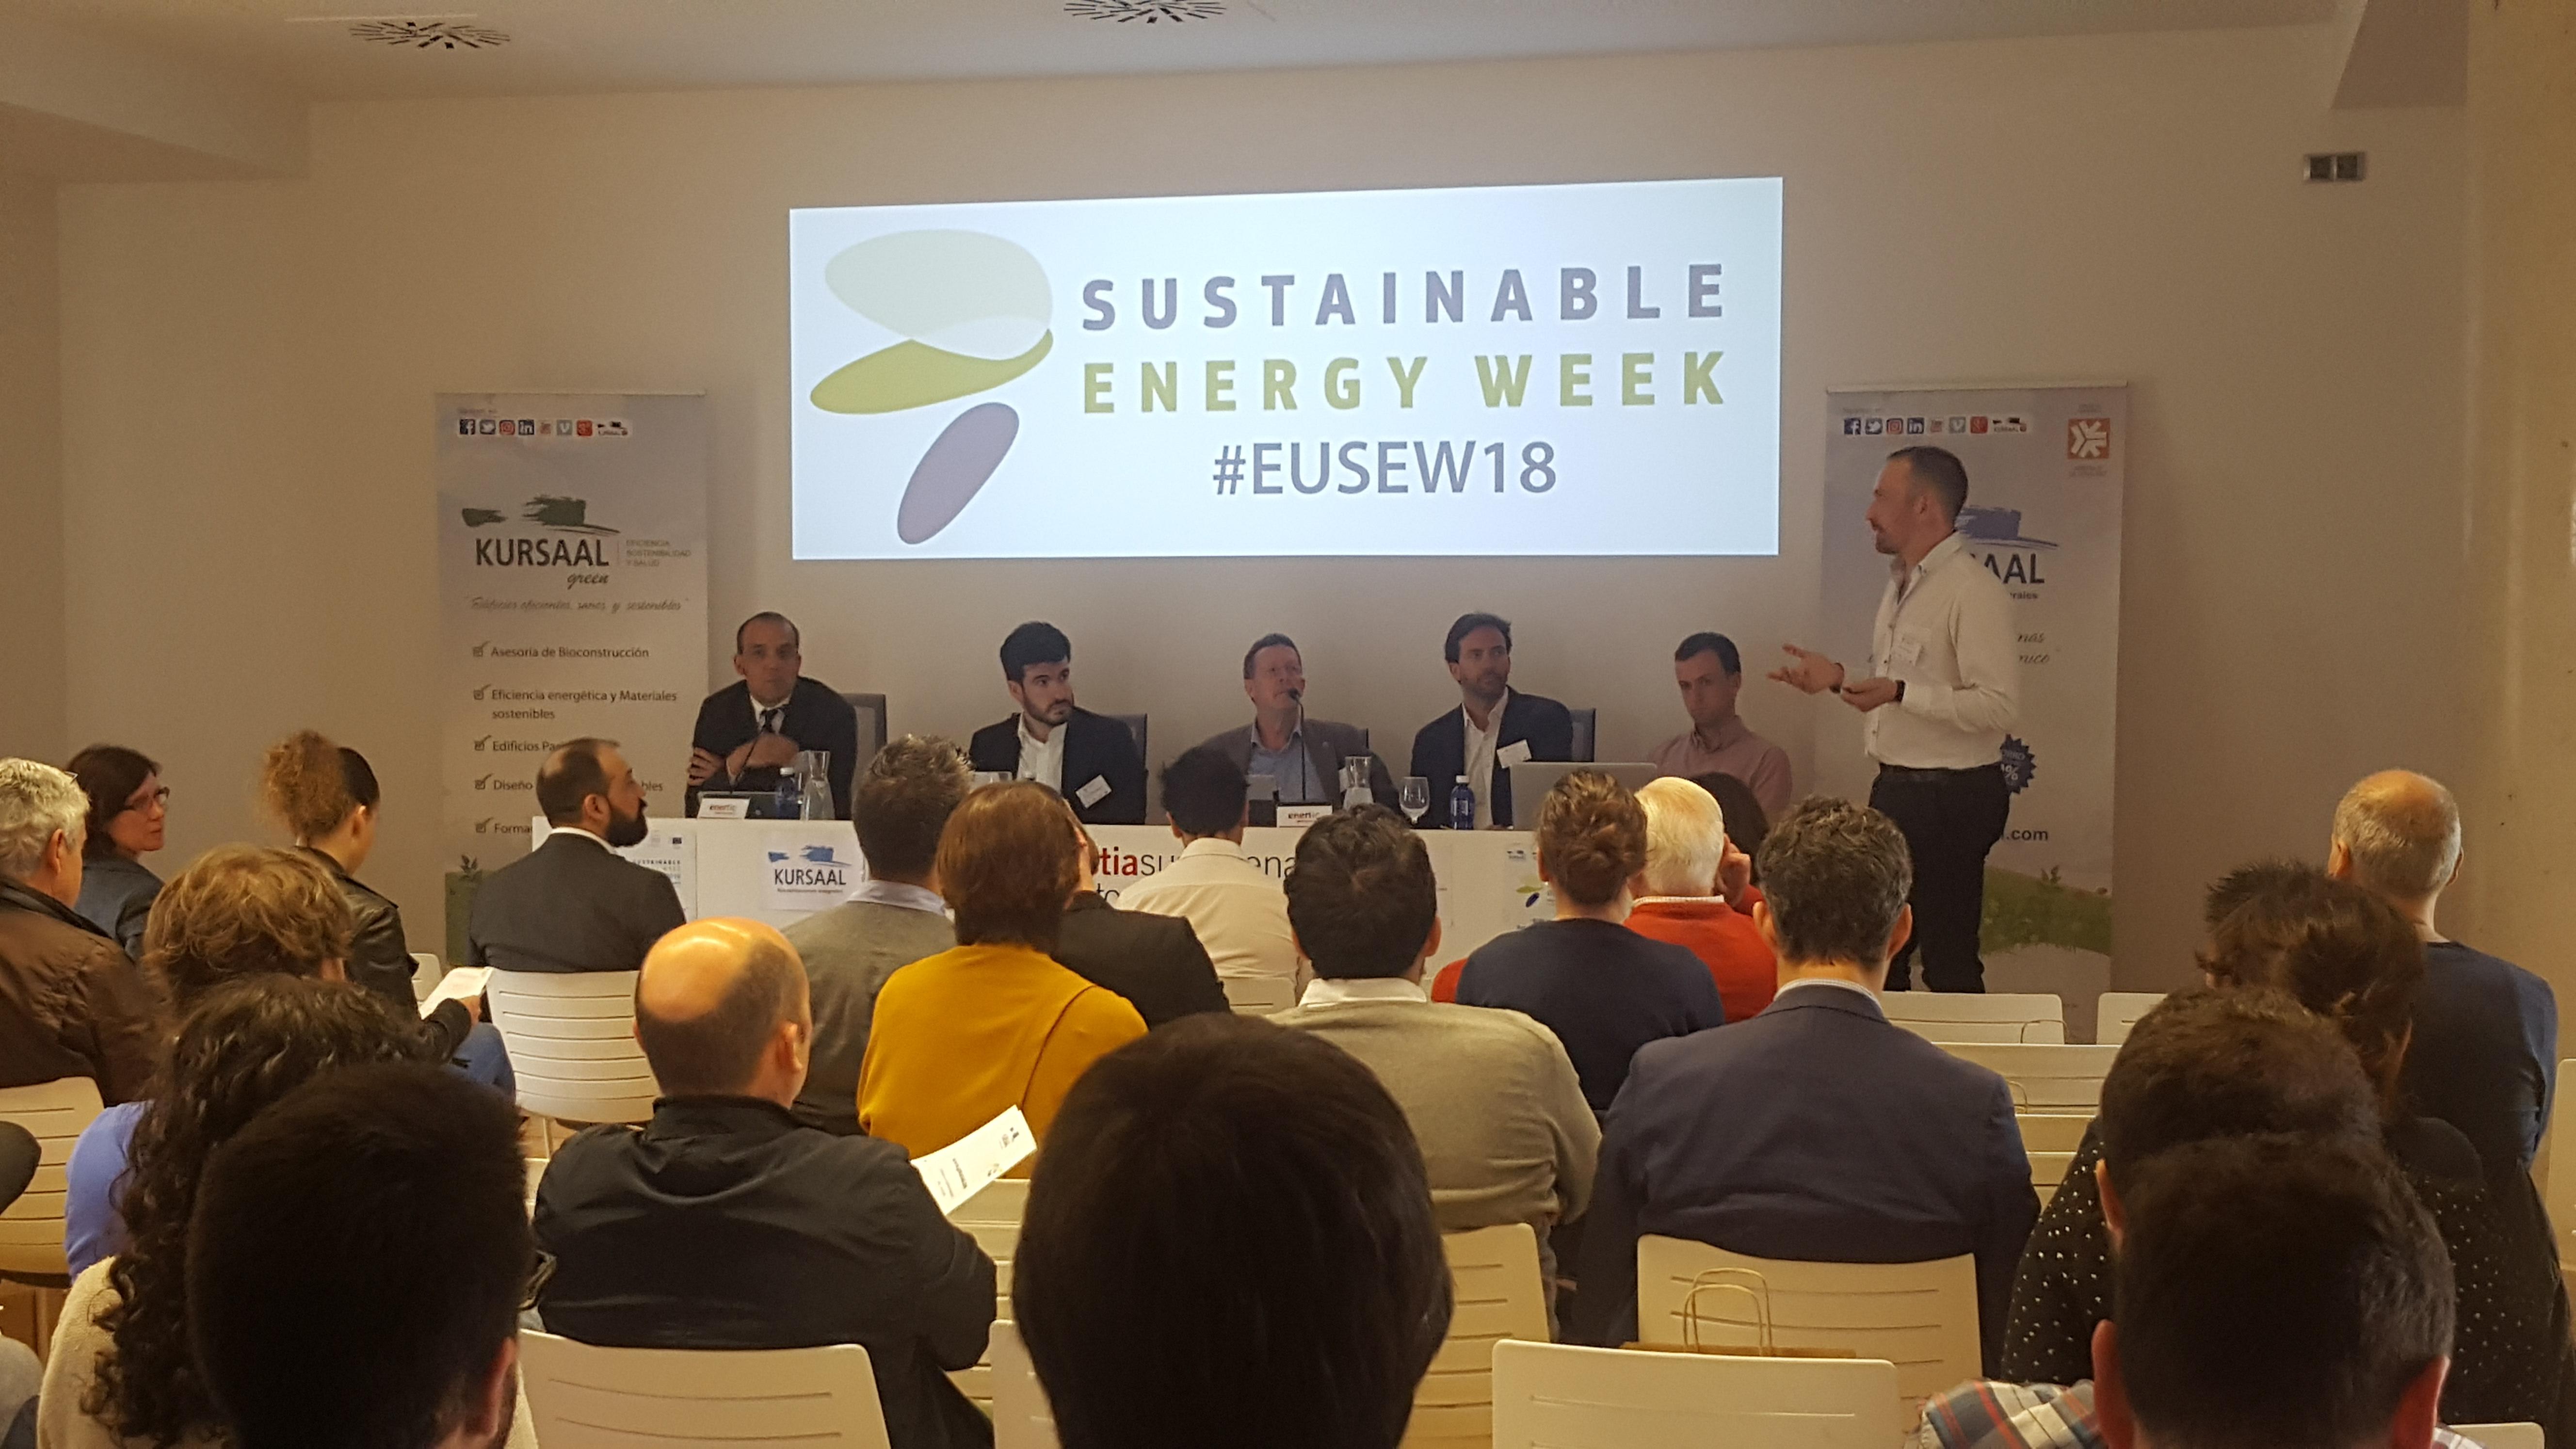 imagen 2 de noticia: por-quinto-ao-consecutivo-kursaal-rehabilitaciones-organizamos-una-jornada-enmarcada-en-la-semana-europea-de-la-energa-sostenible